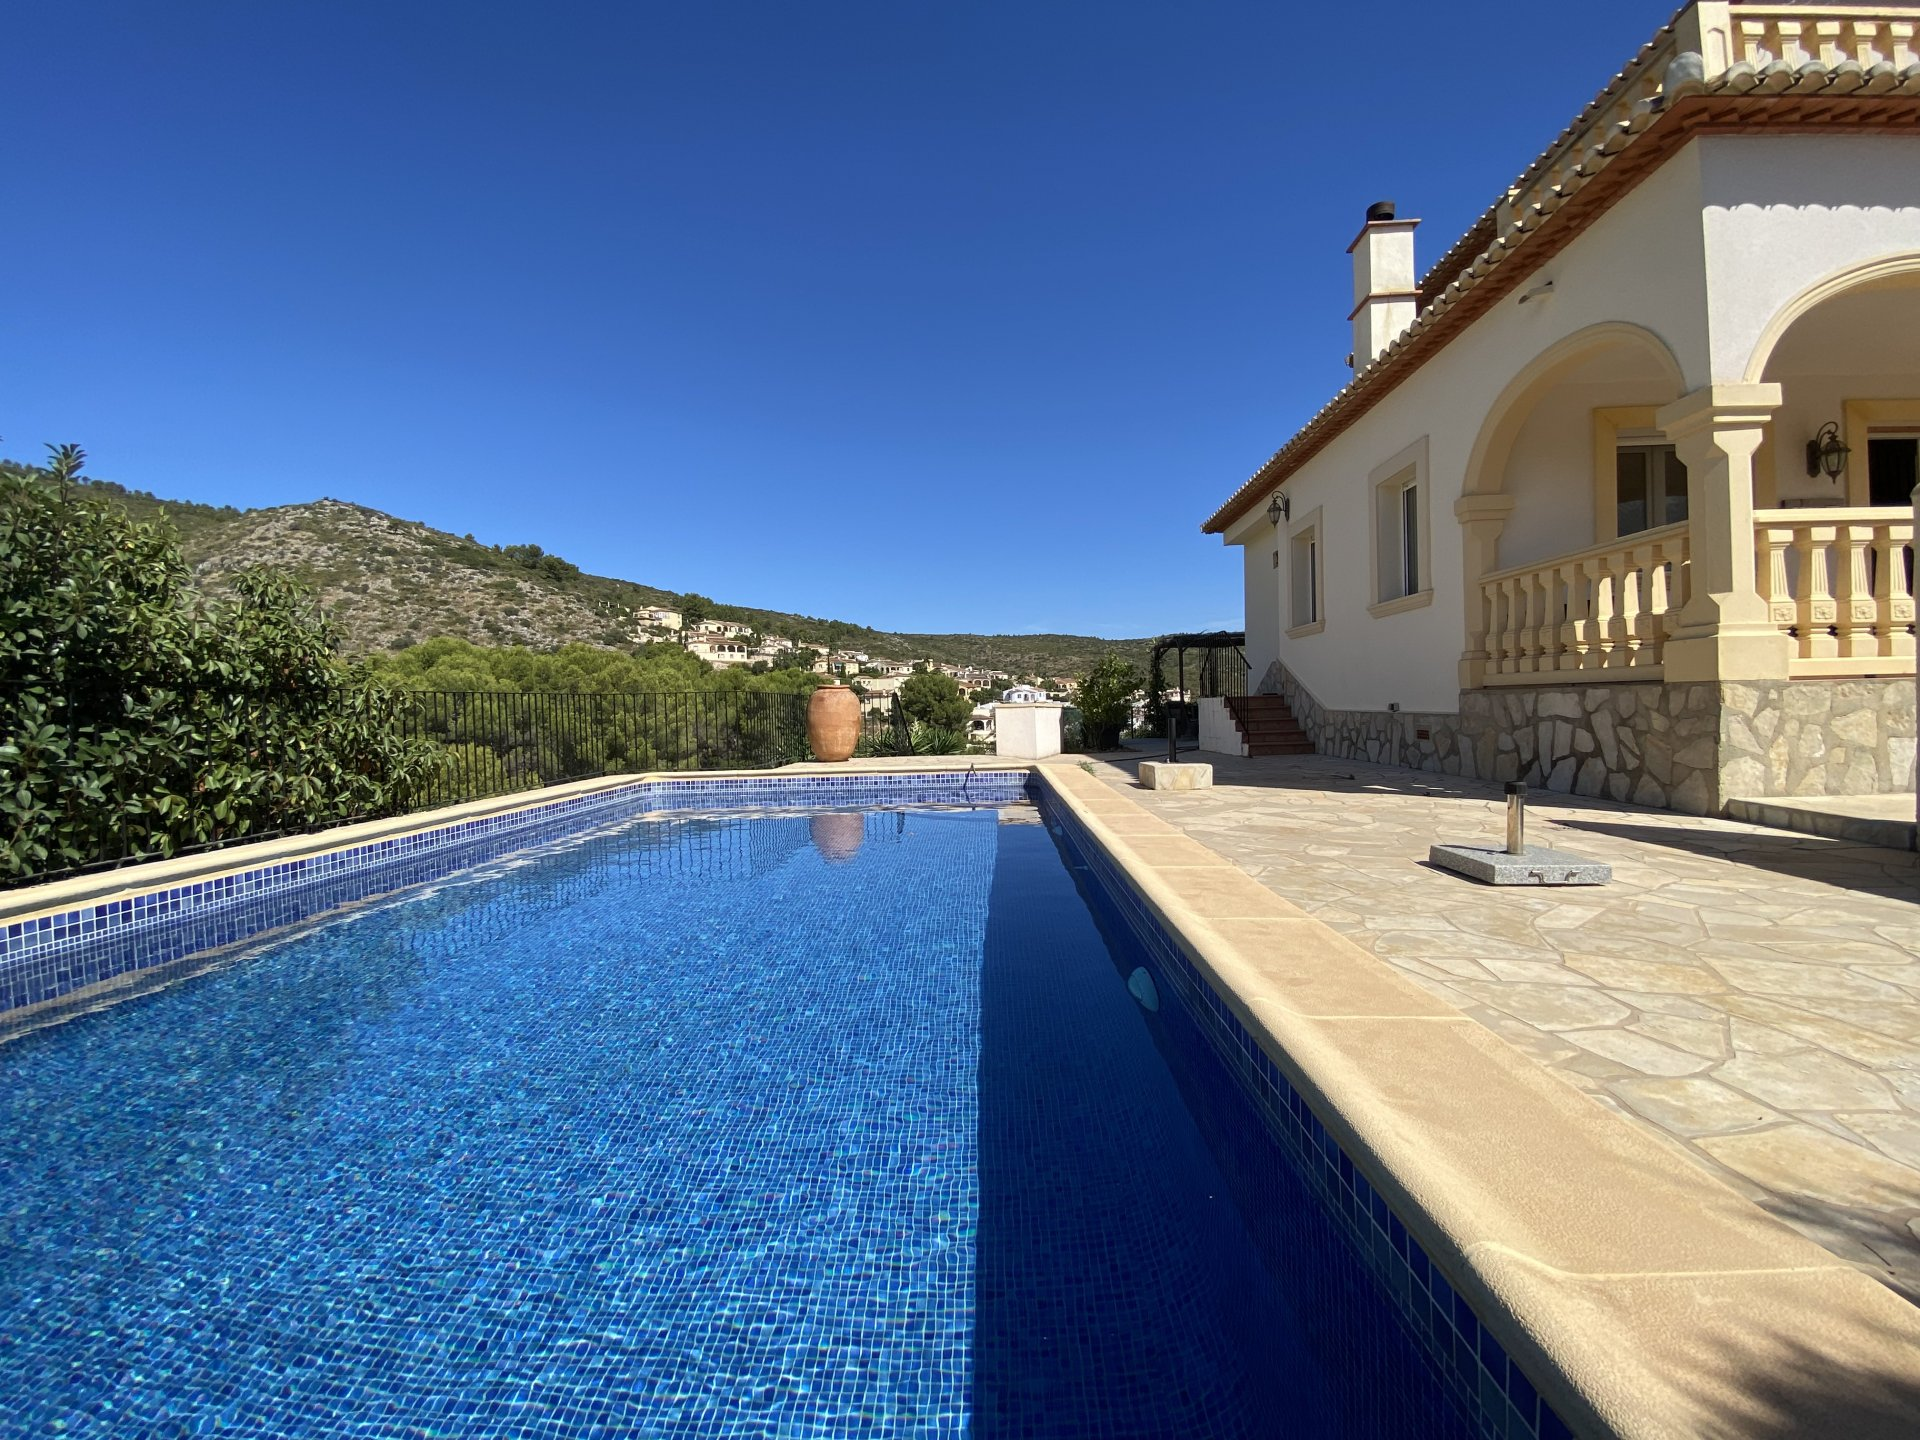 Villa moderna amueblada con hermosa vista